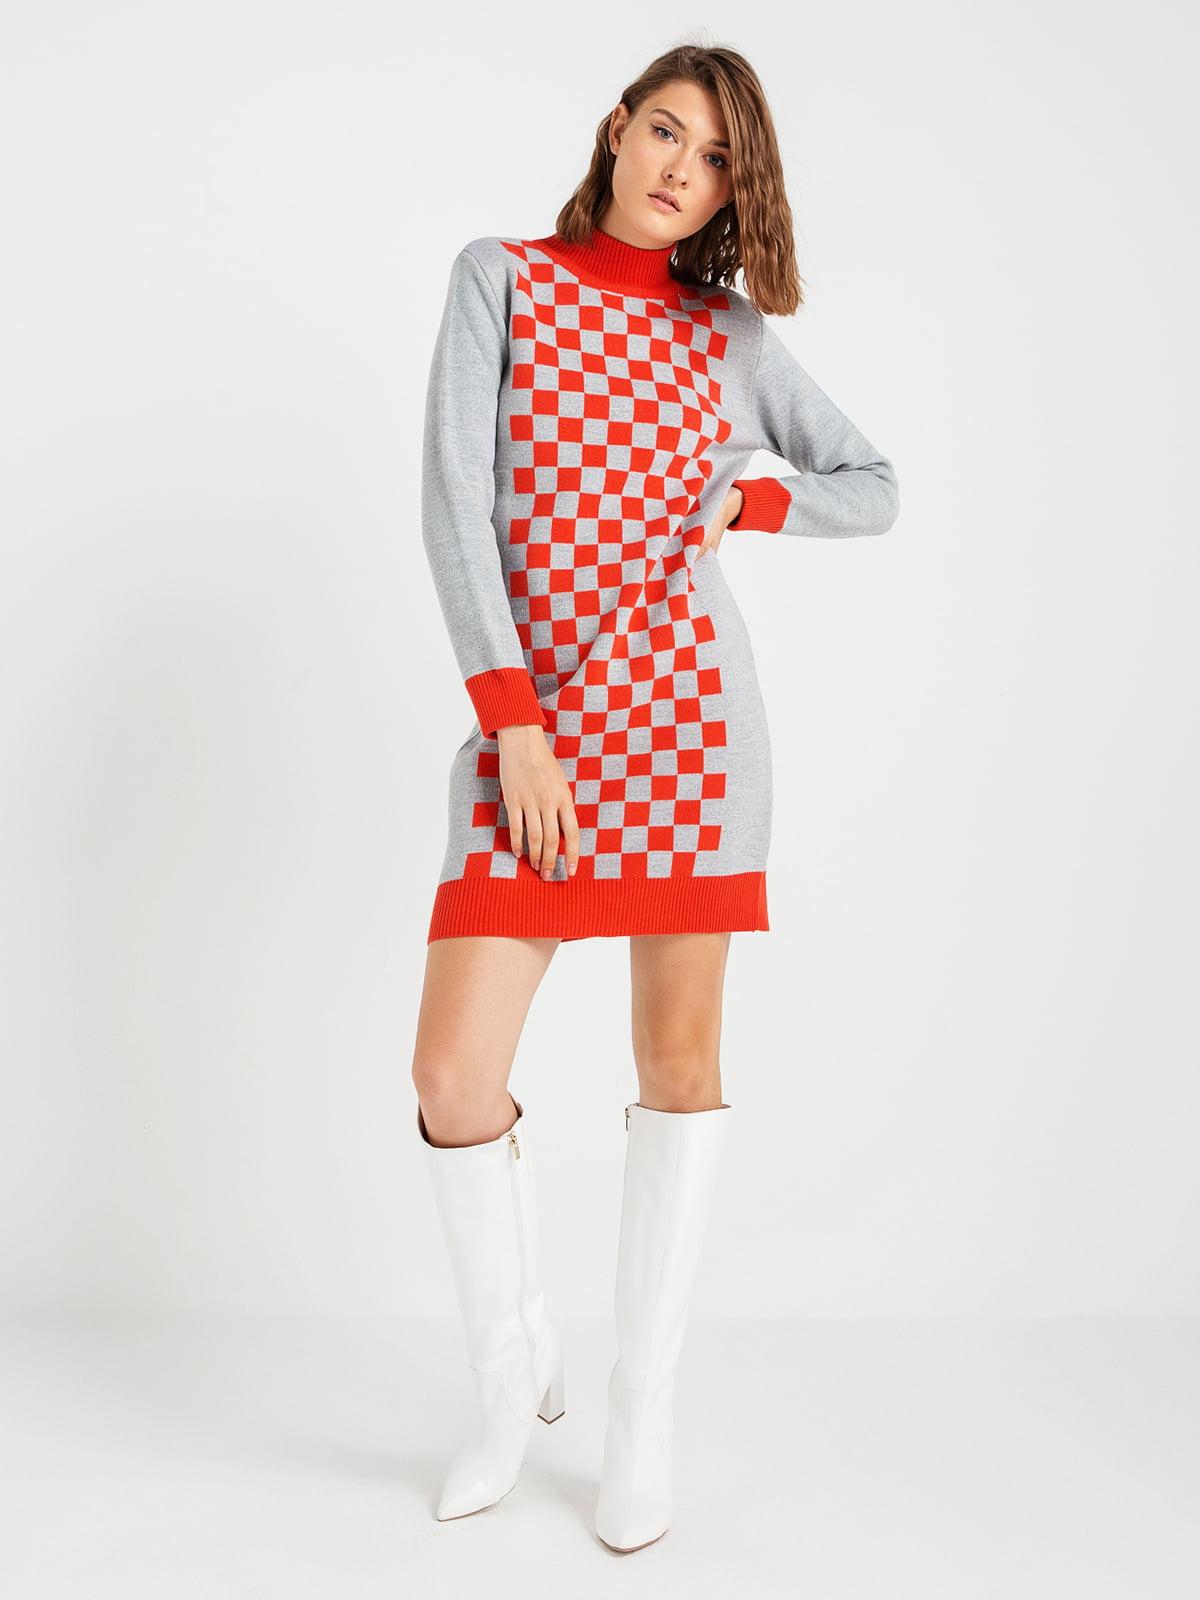 Сукня сіро-червона з шахову клітинку | 4574914